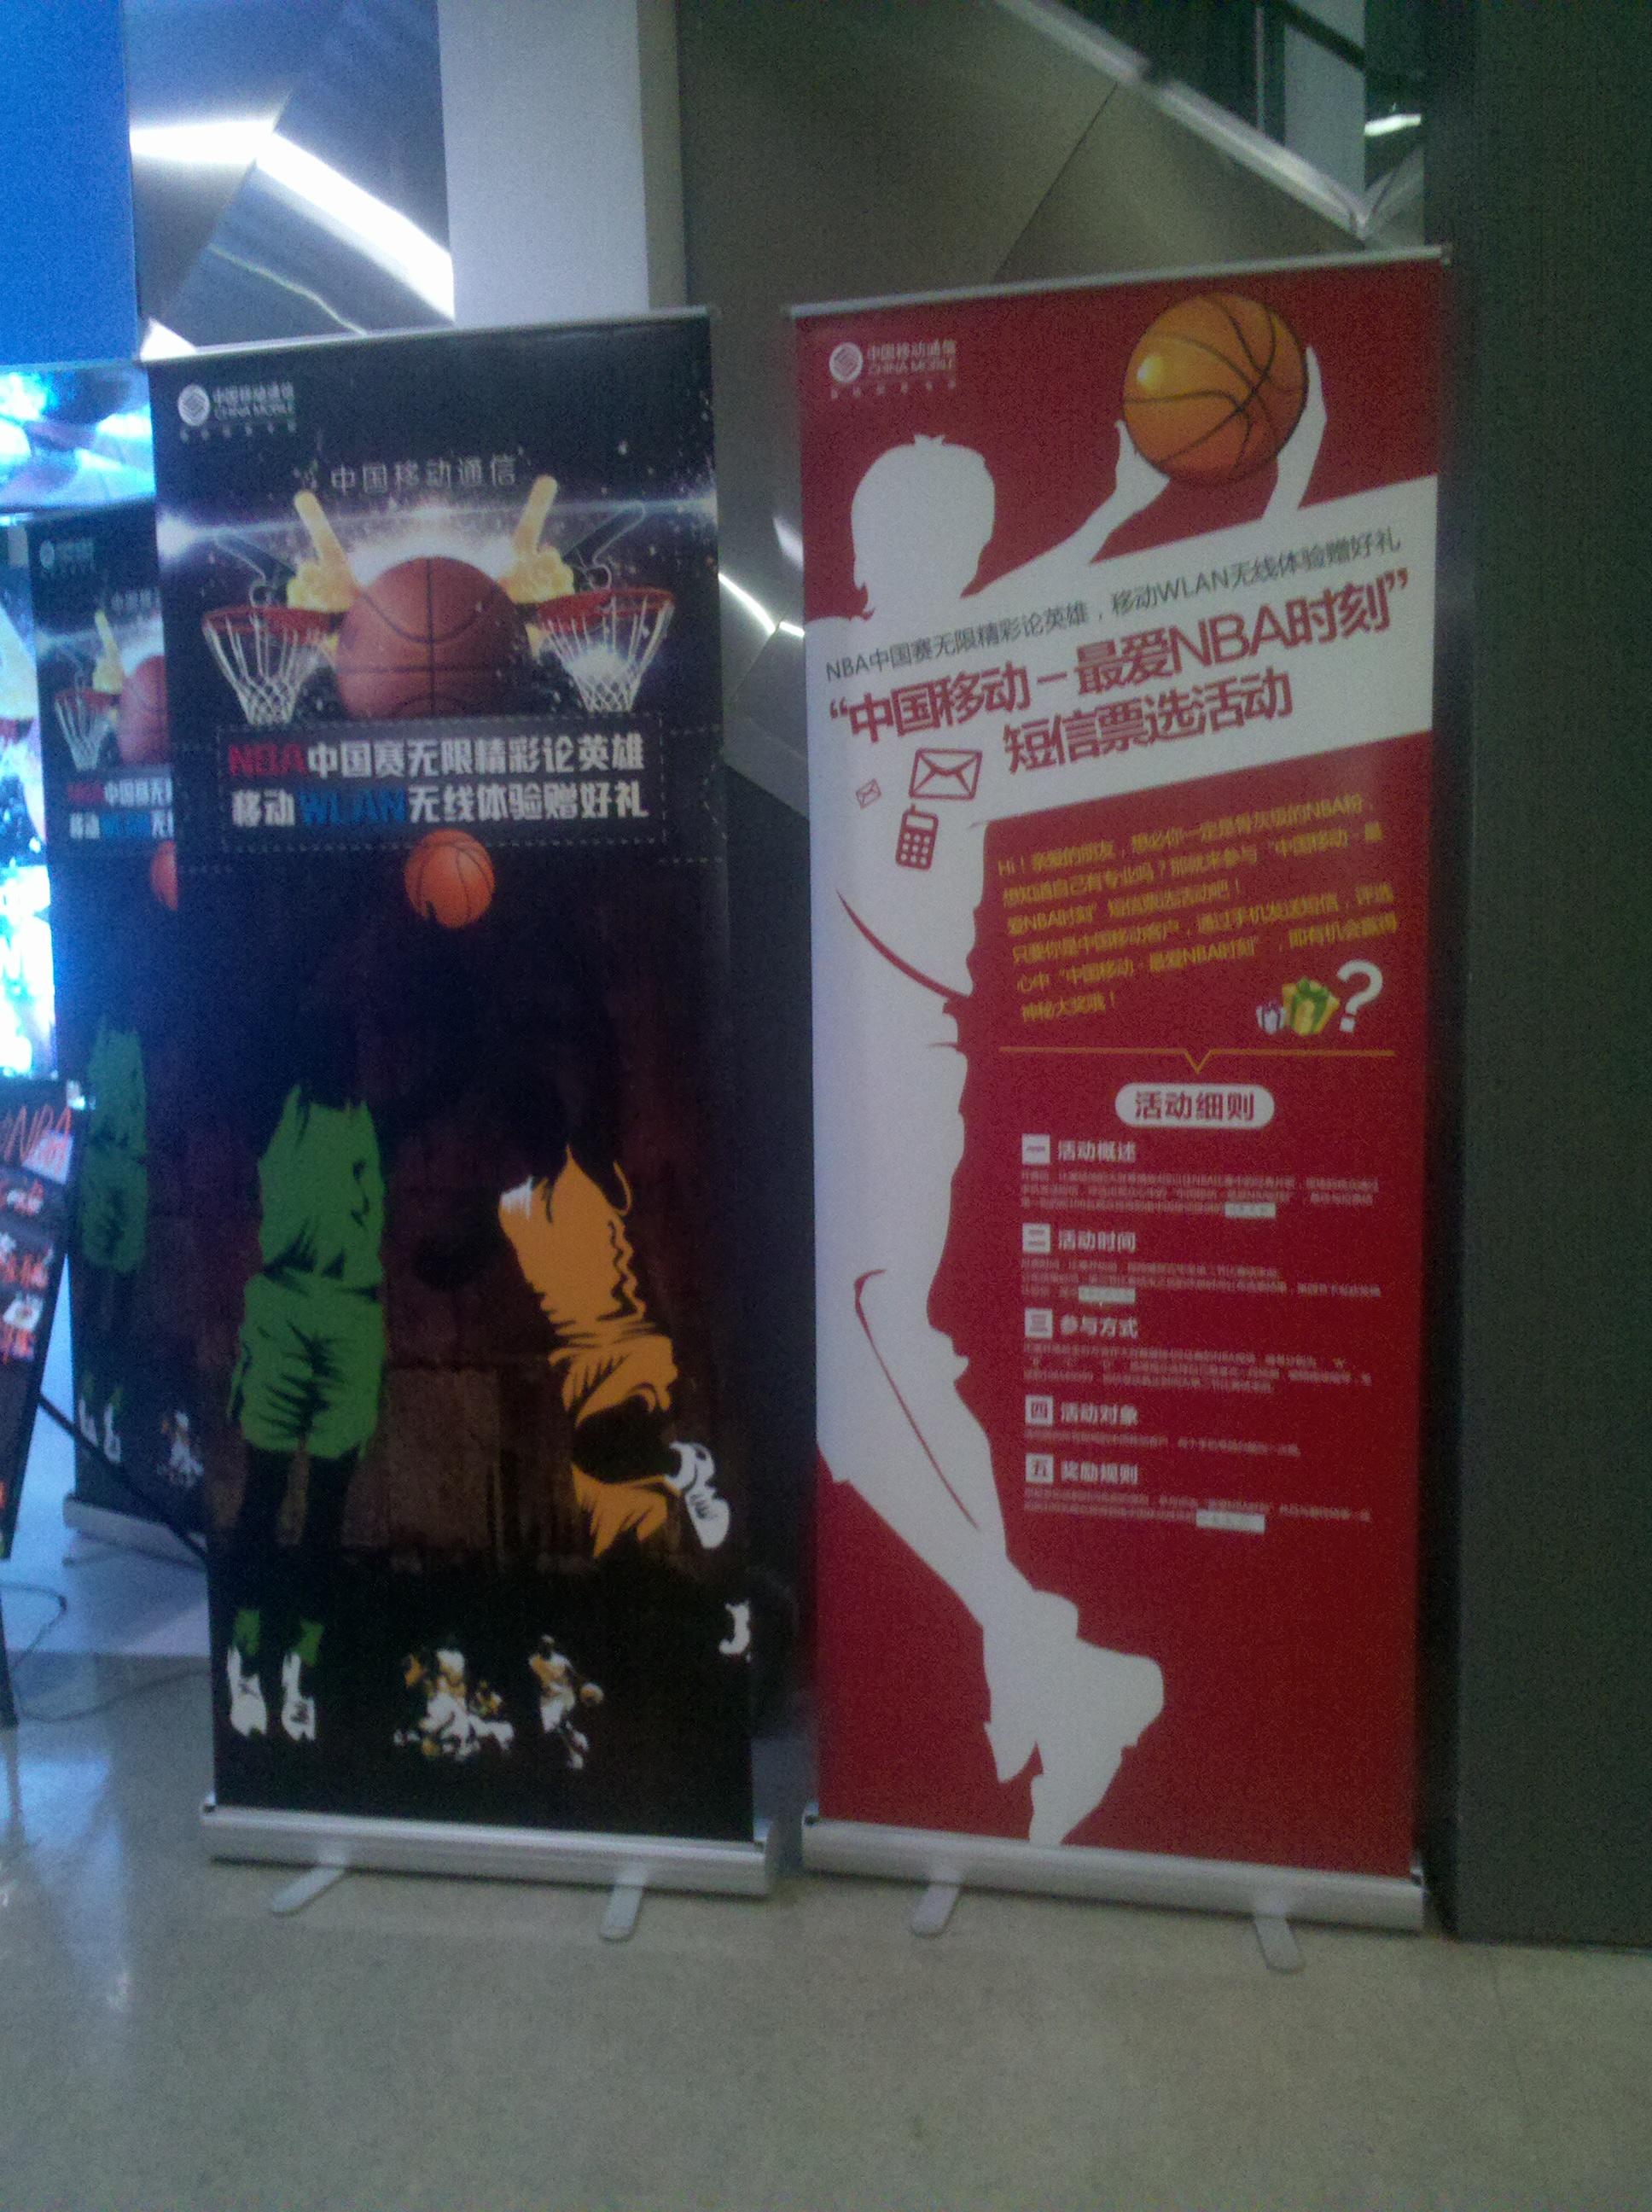 中国移动与nba球迷互动活动展板